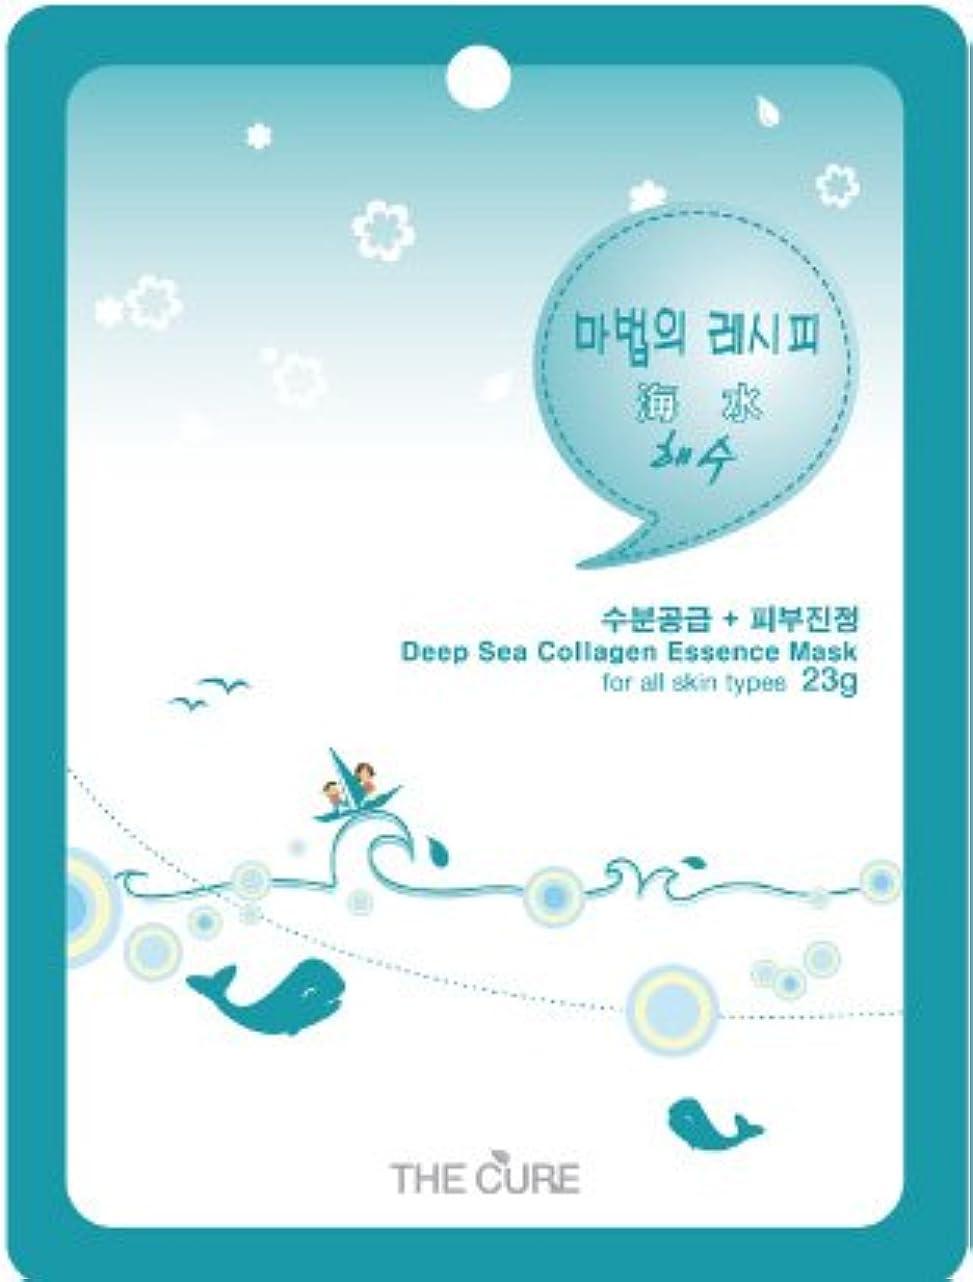 電話法令借りる海水 コラーゲン エッセンス マスク THE CURE シート パック 10枚セット 韓国 コスメ